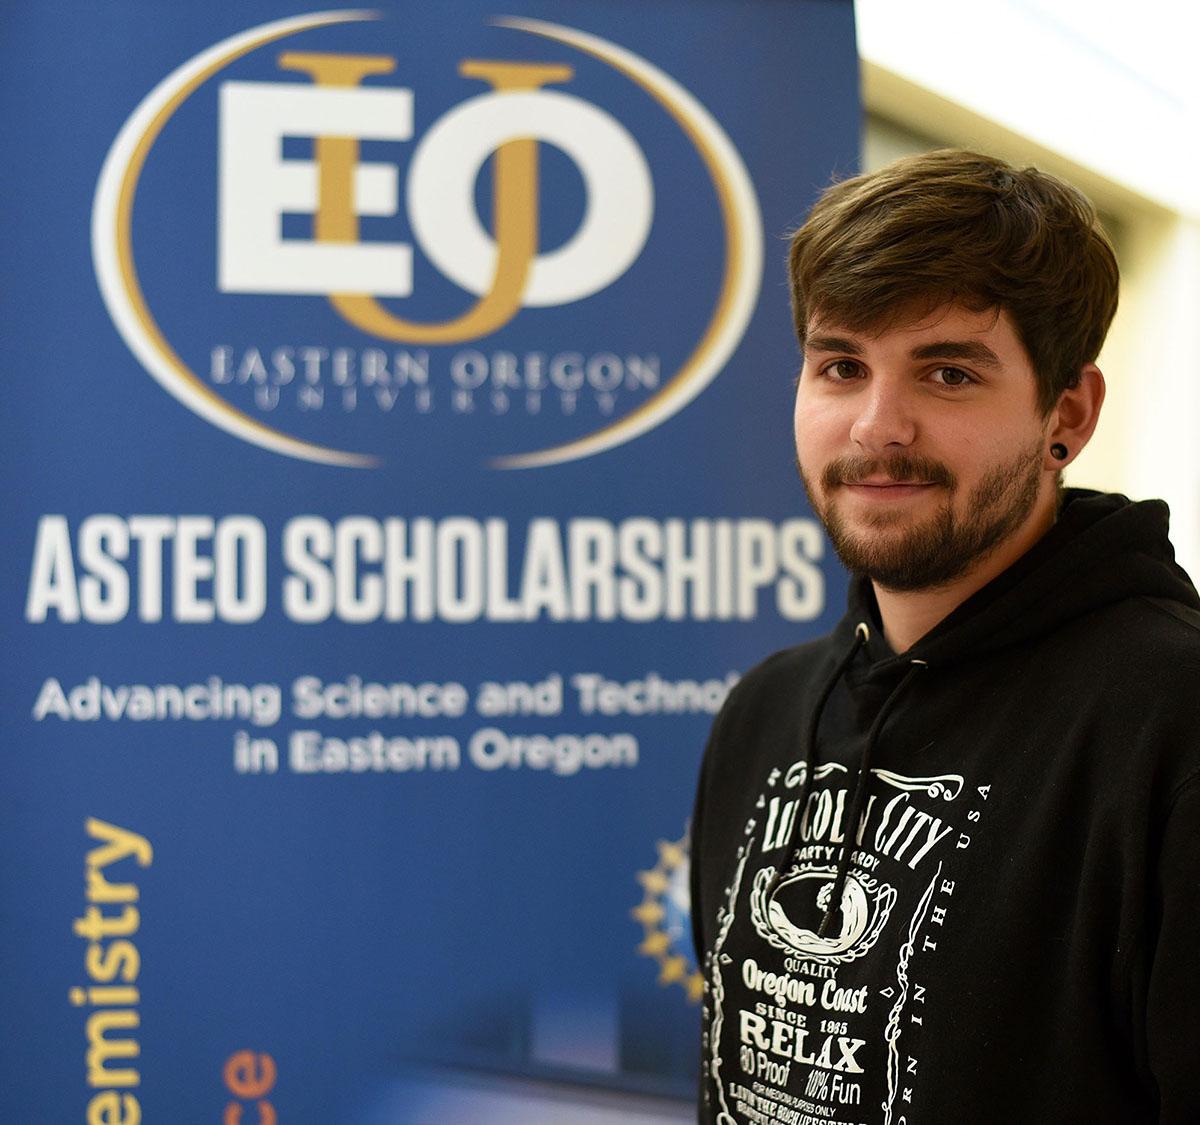 ASTEO Scholar Michael Luttrell